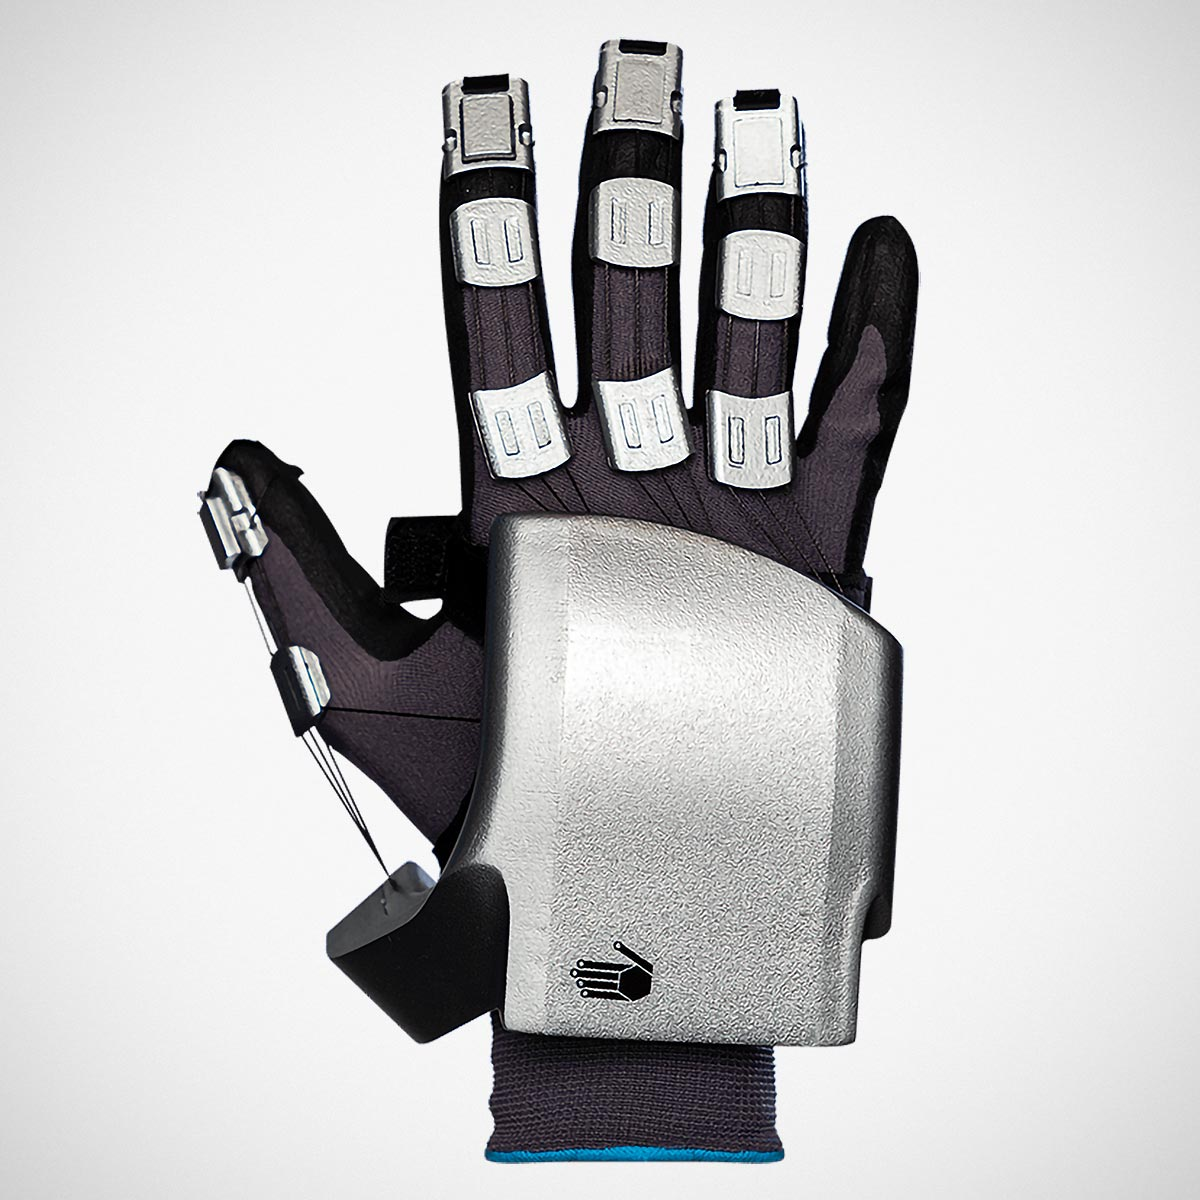 SenseGlove Nova VR Glove CES 2021